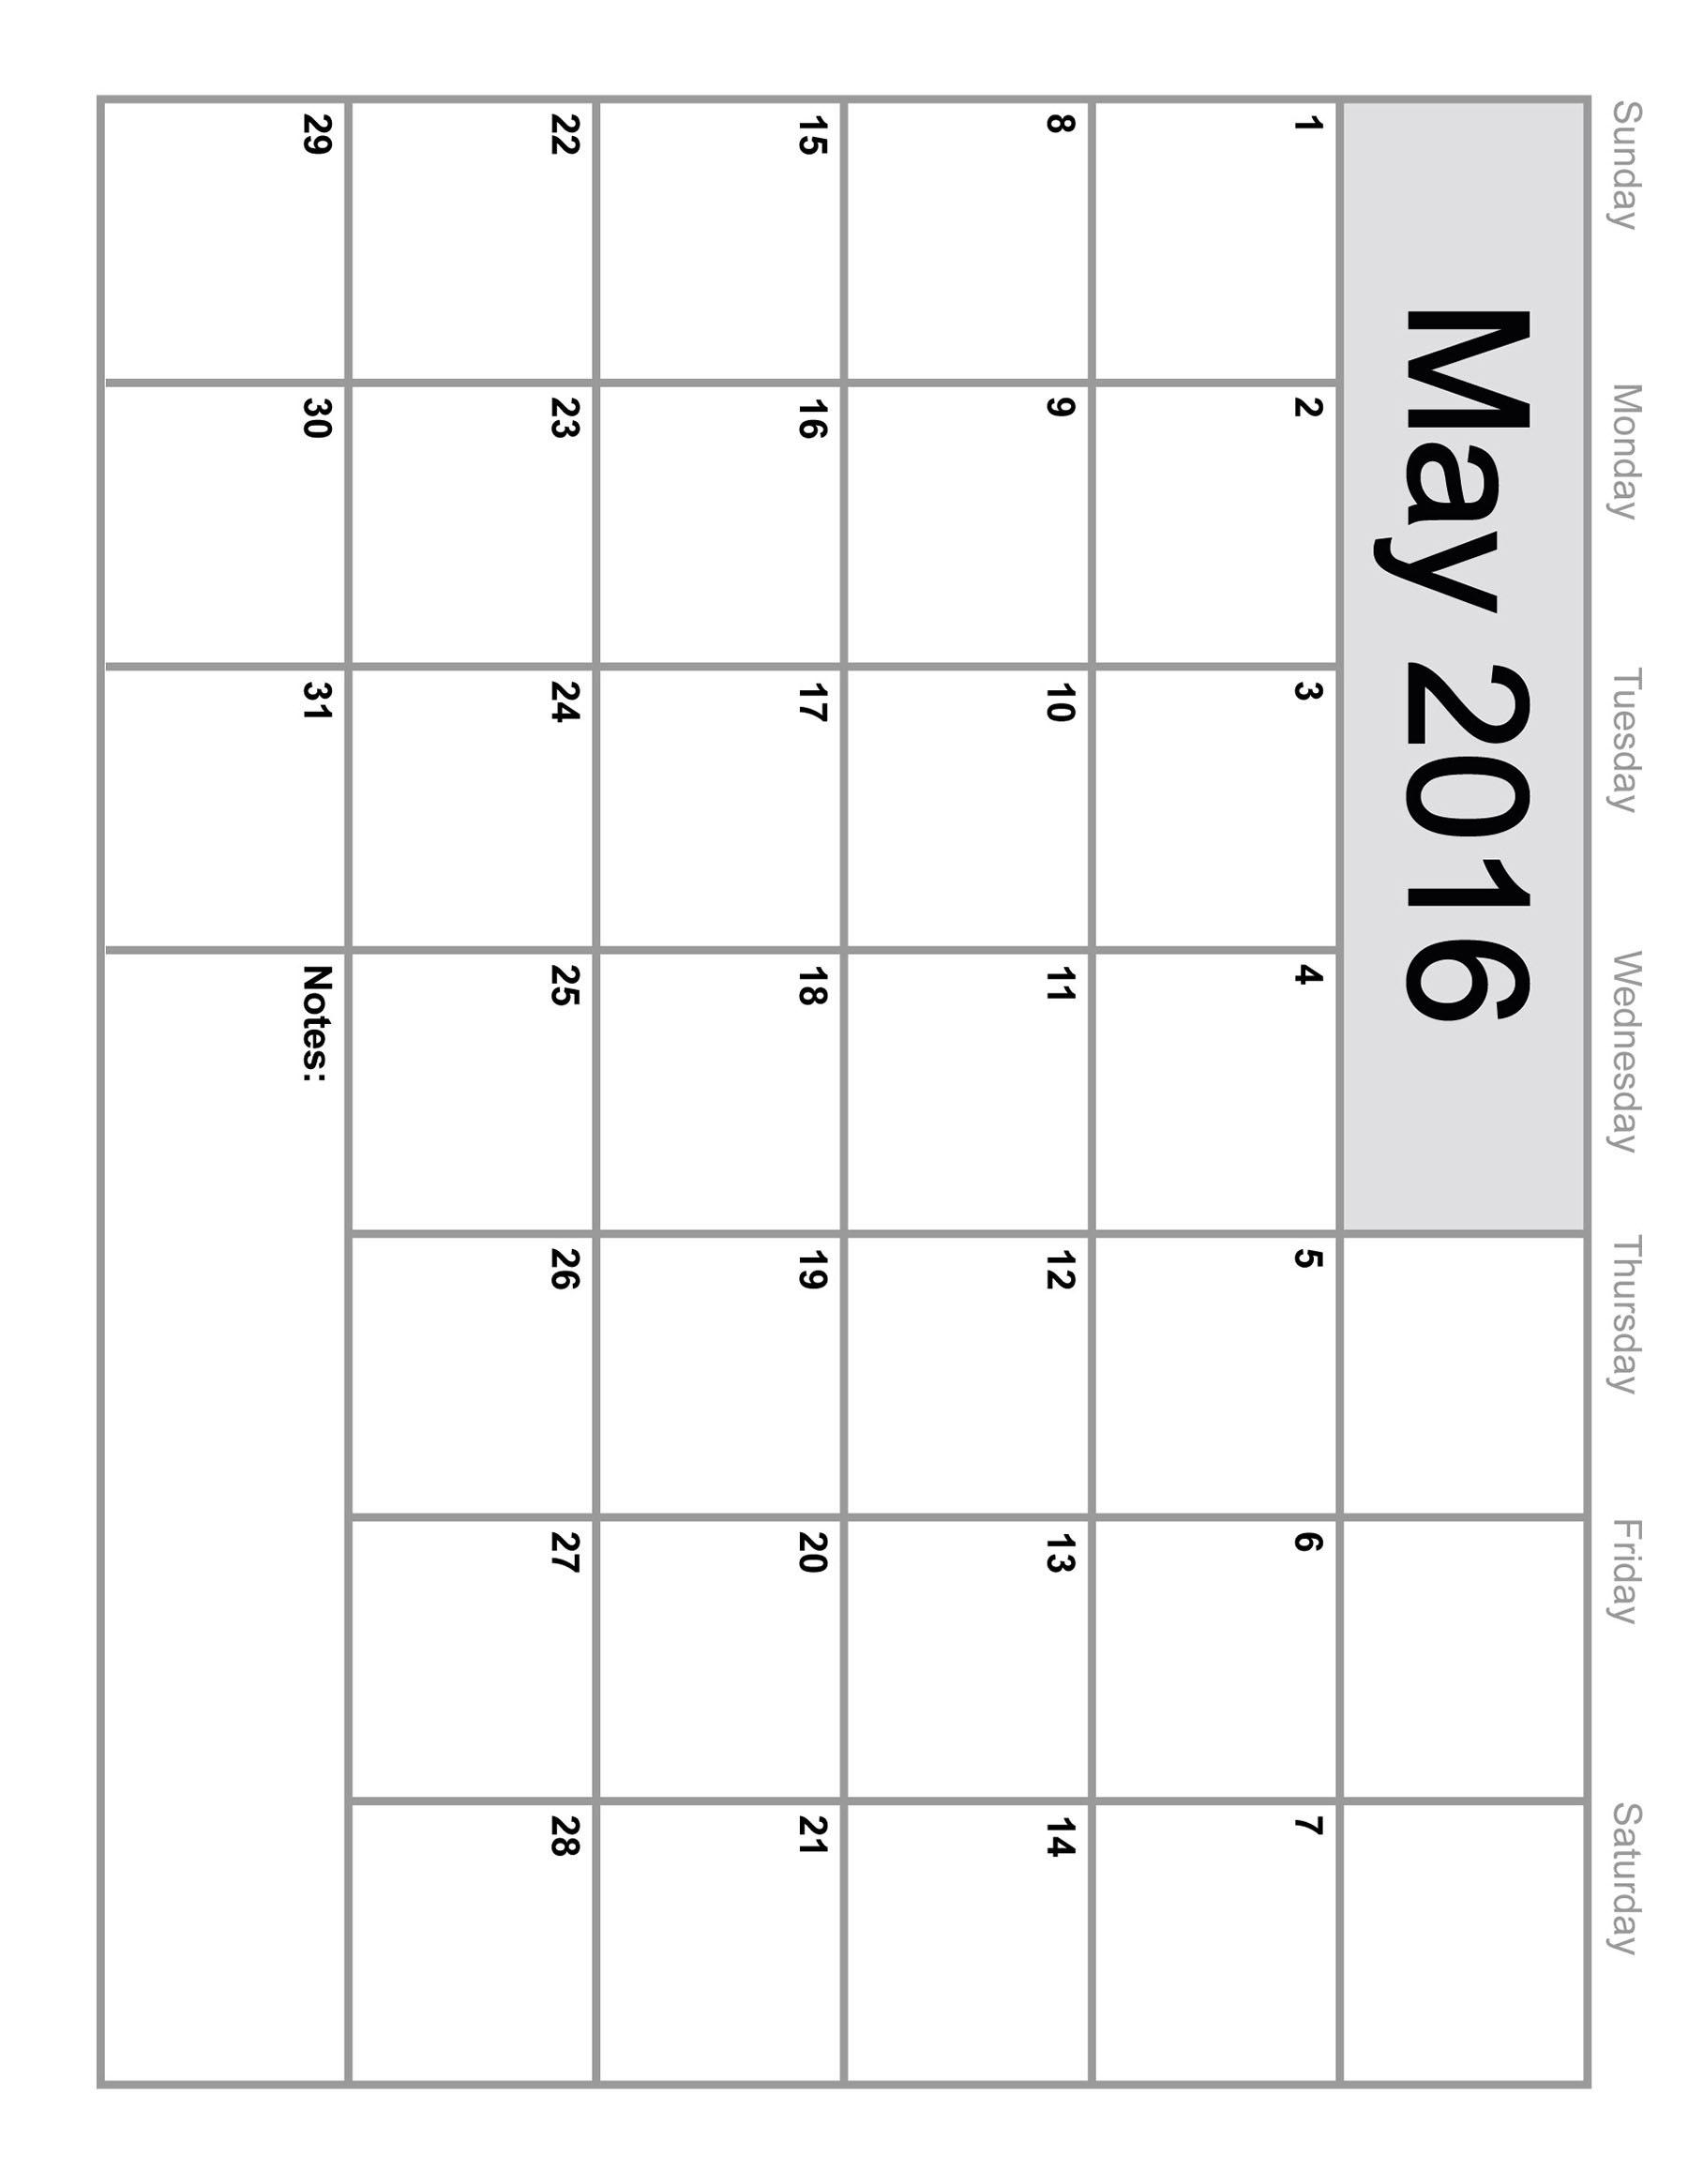 May 2016 calendar clipart clip transparent download Calendar Clipart clip transparent download